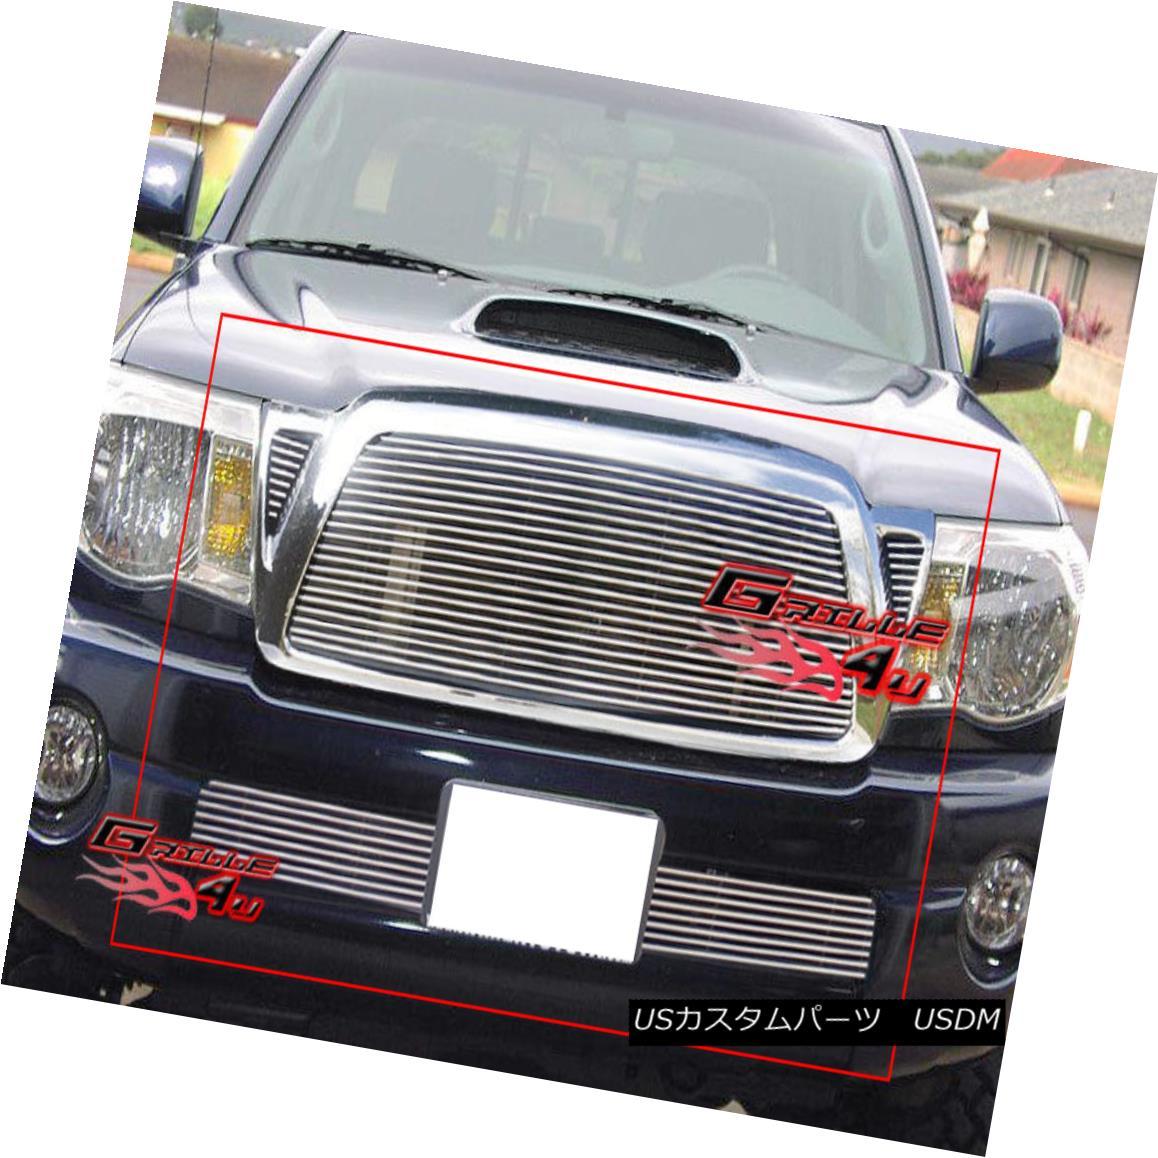 グリル Fits 2005-2010 Toyota Tacoma Billet Grille Grill Combo Insert フィット2005-2010トヨタタコマビレットグリルグリルコンボインサート